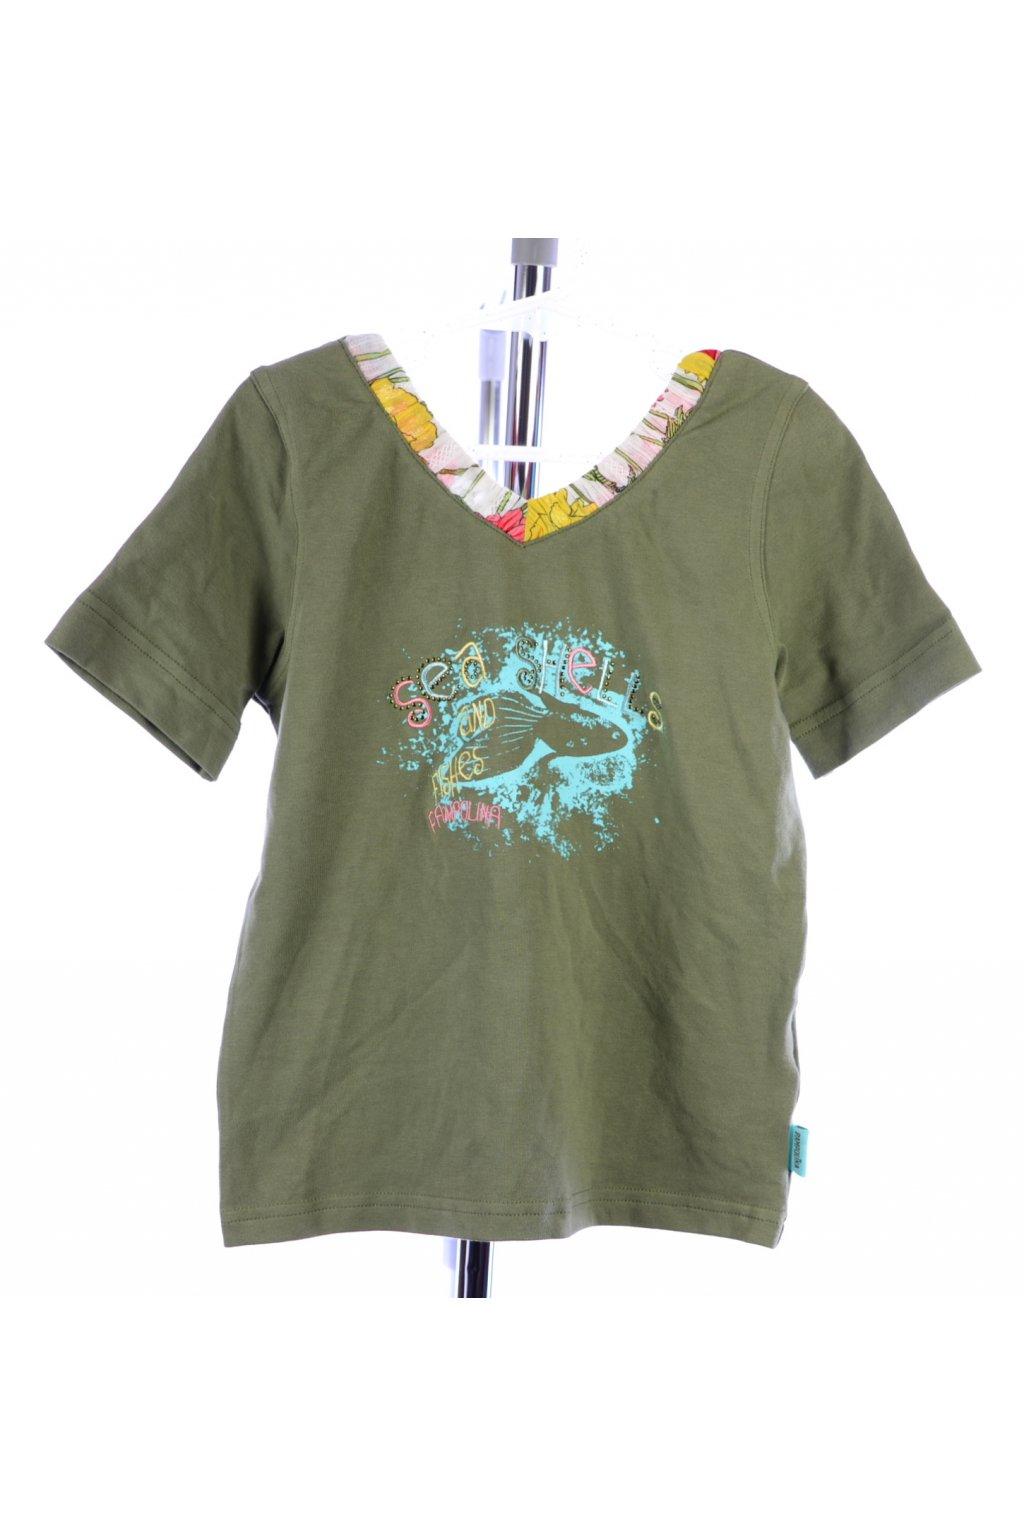 Tričko Pampolina vel 128 zelené s obrázkem